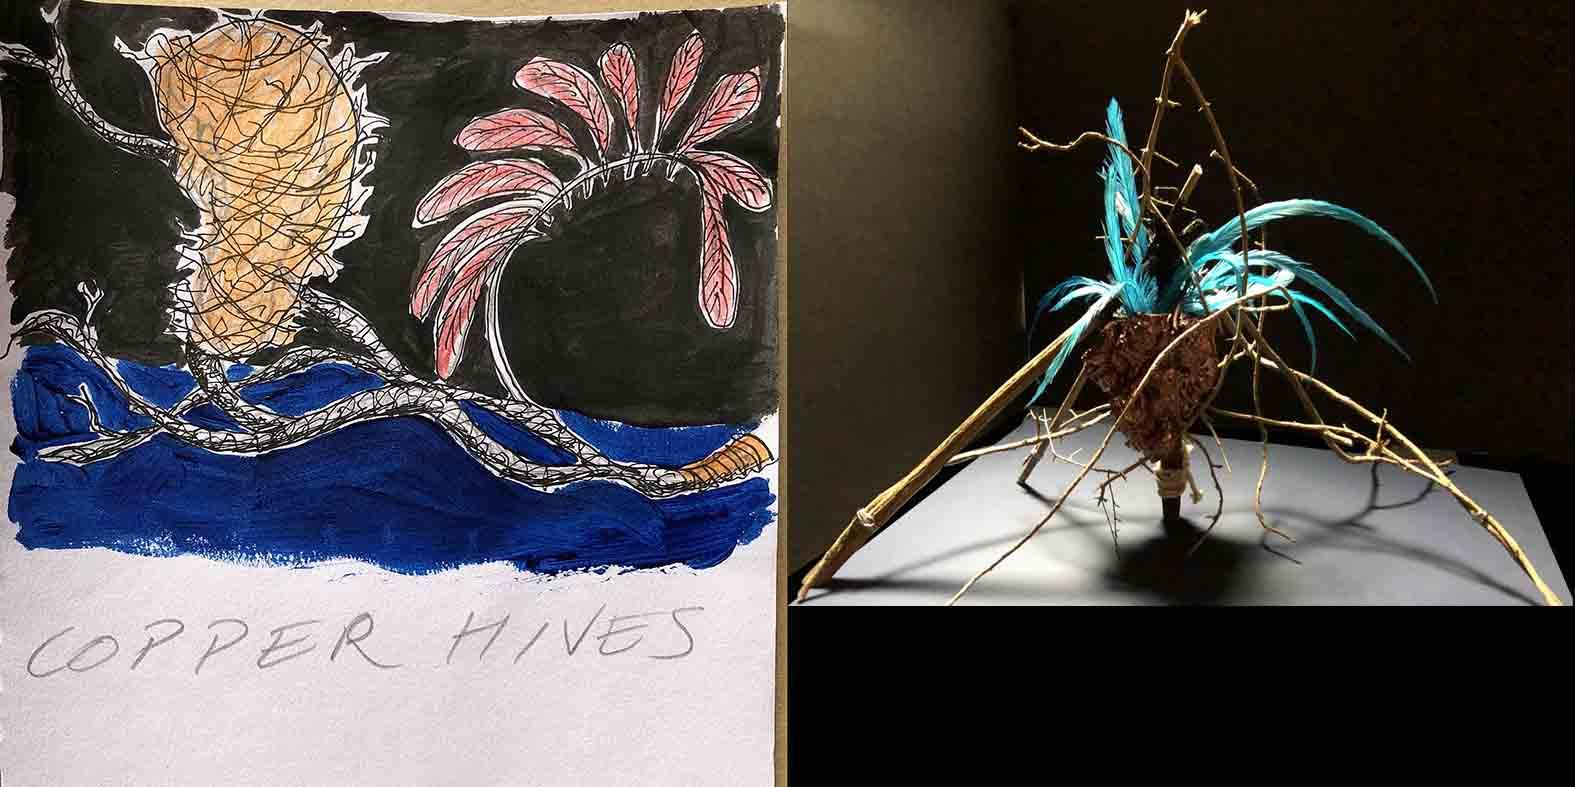 Copper Hive illustration and mock up design